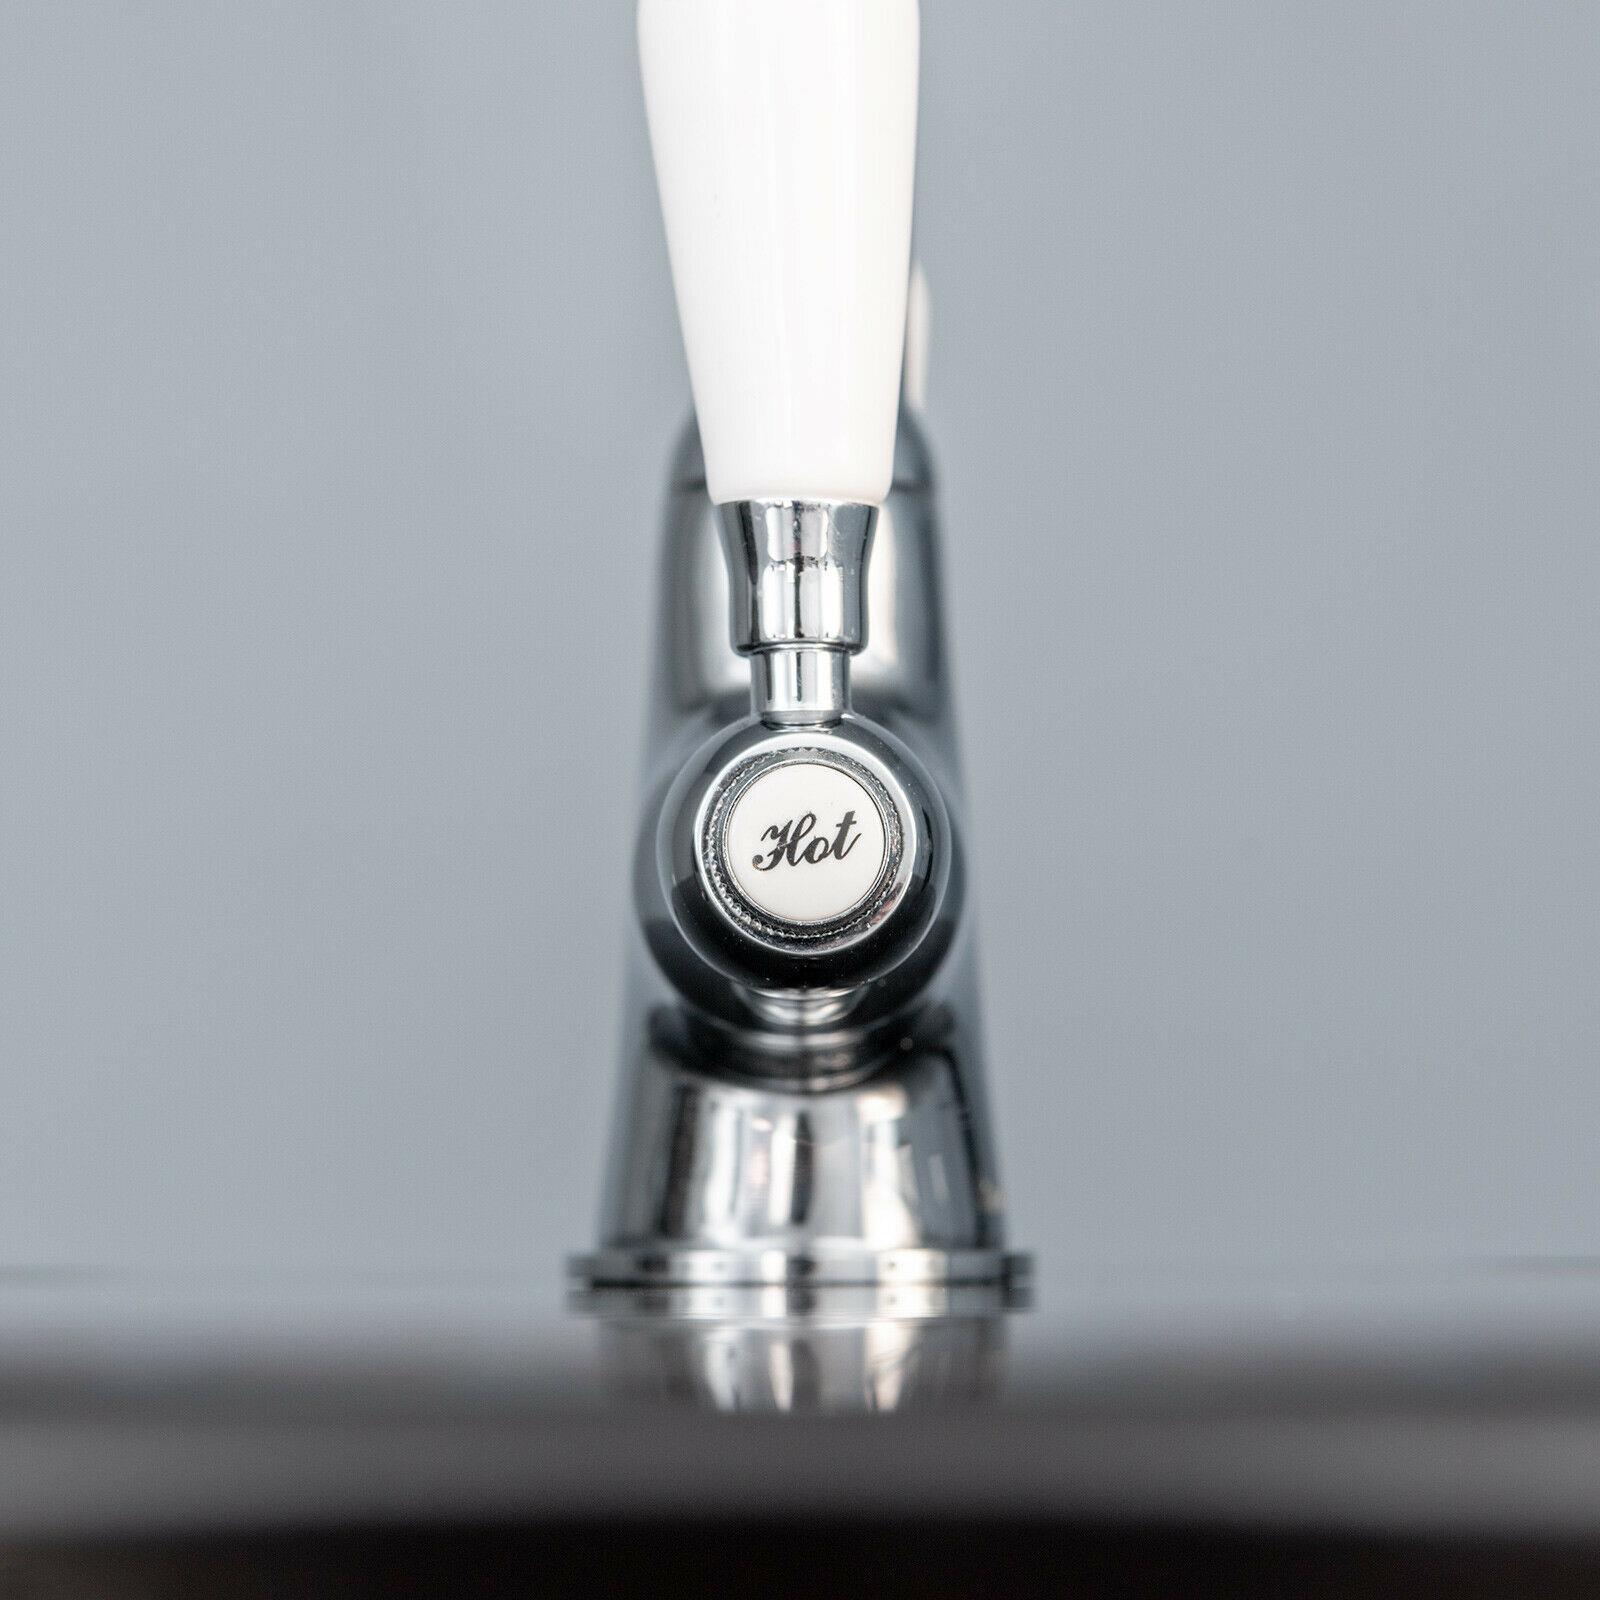 Reginox Rl301cw 1 5 Bowl White Ceramic Reversible Kitchen Sink Elbe Tap Pack Kitchen Fixtures Diy Tools